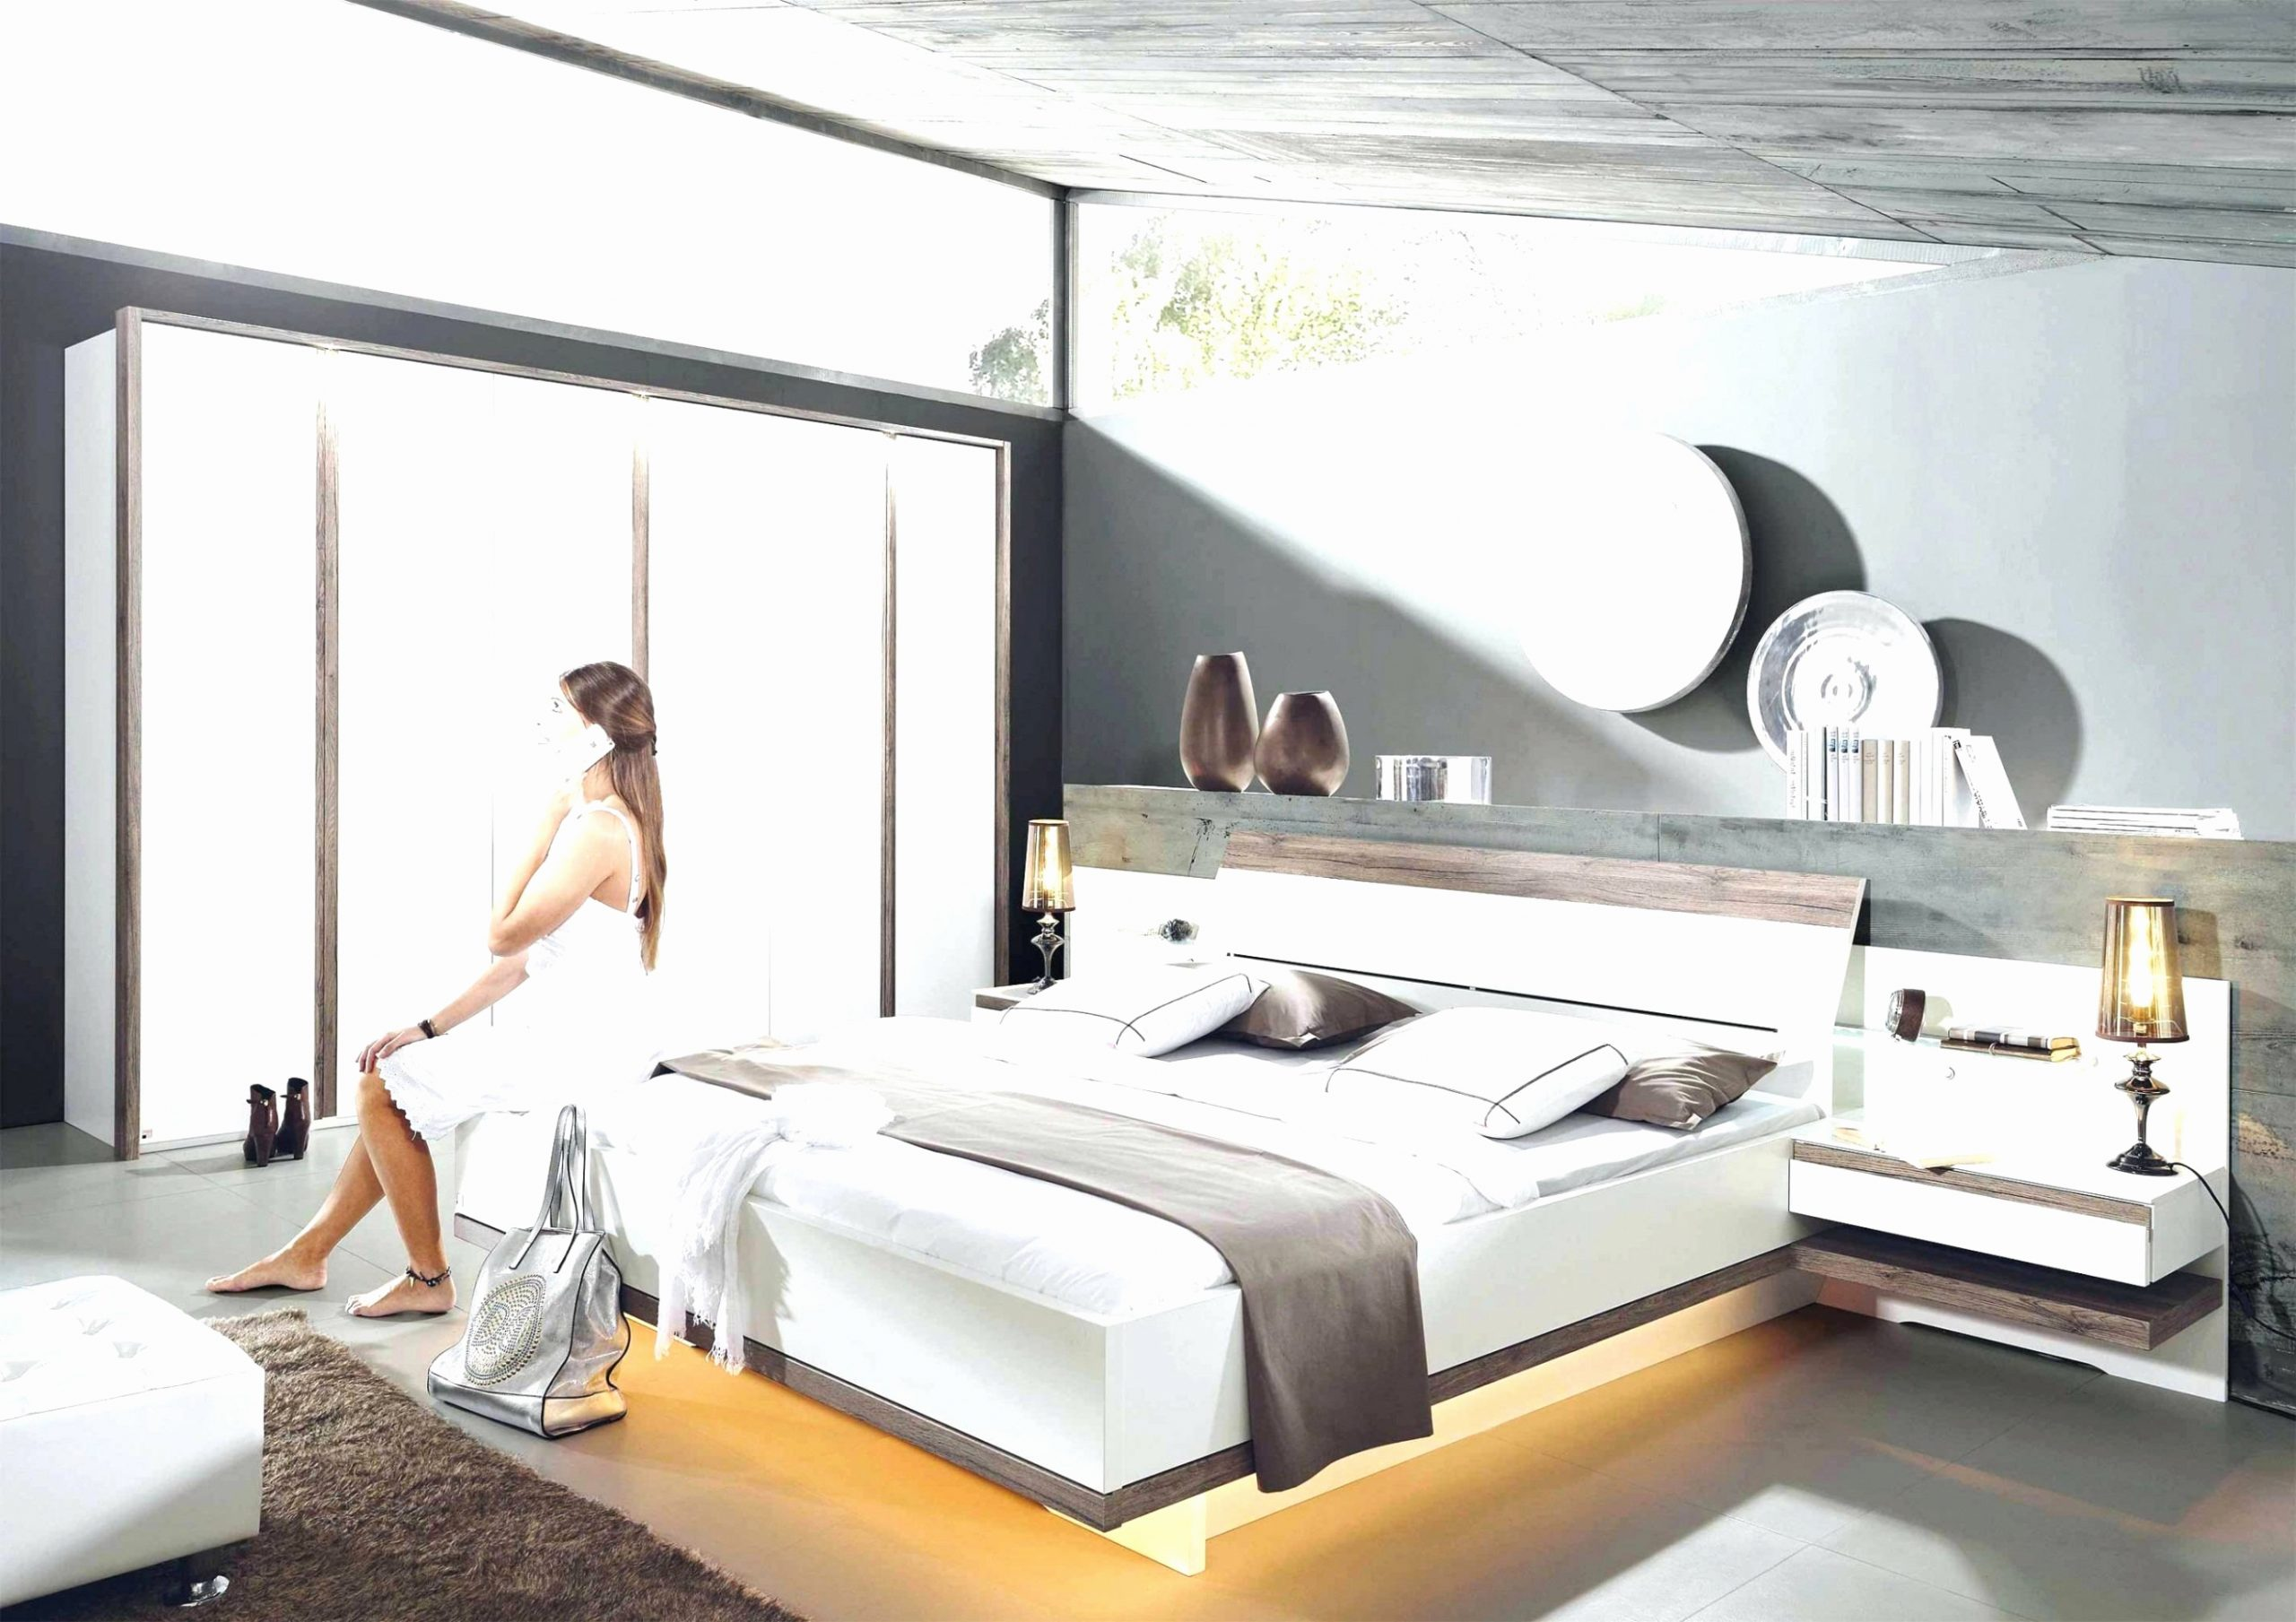 Full Size of Coole Betten Jugendbett Junge Französische 140x200 Weiß Xxl Massivholz Luxus Somnus Billerbeck Kopfteile Für Mit Matratze Und Lattenrost Hülsta Bett Coole Betten